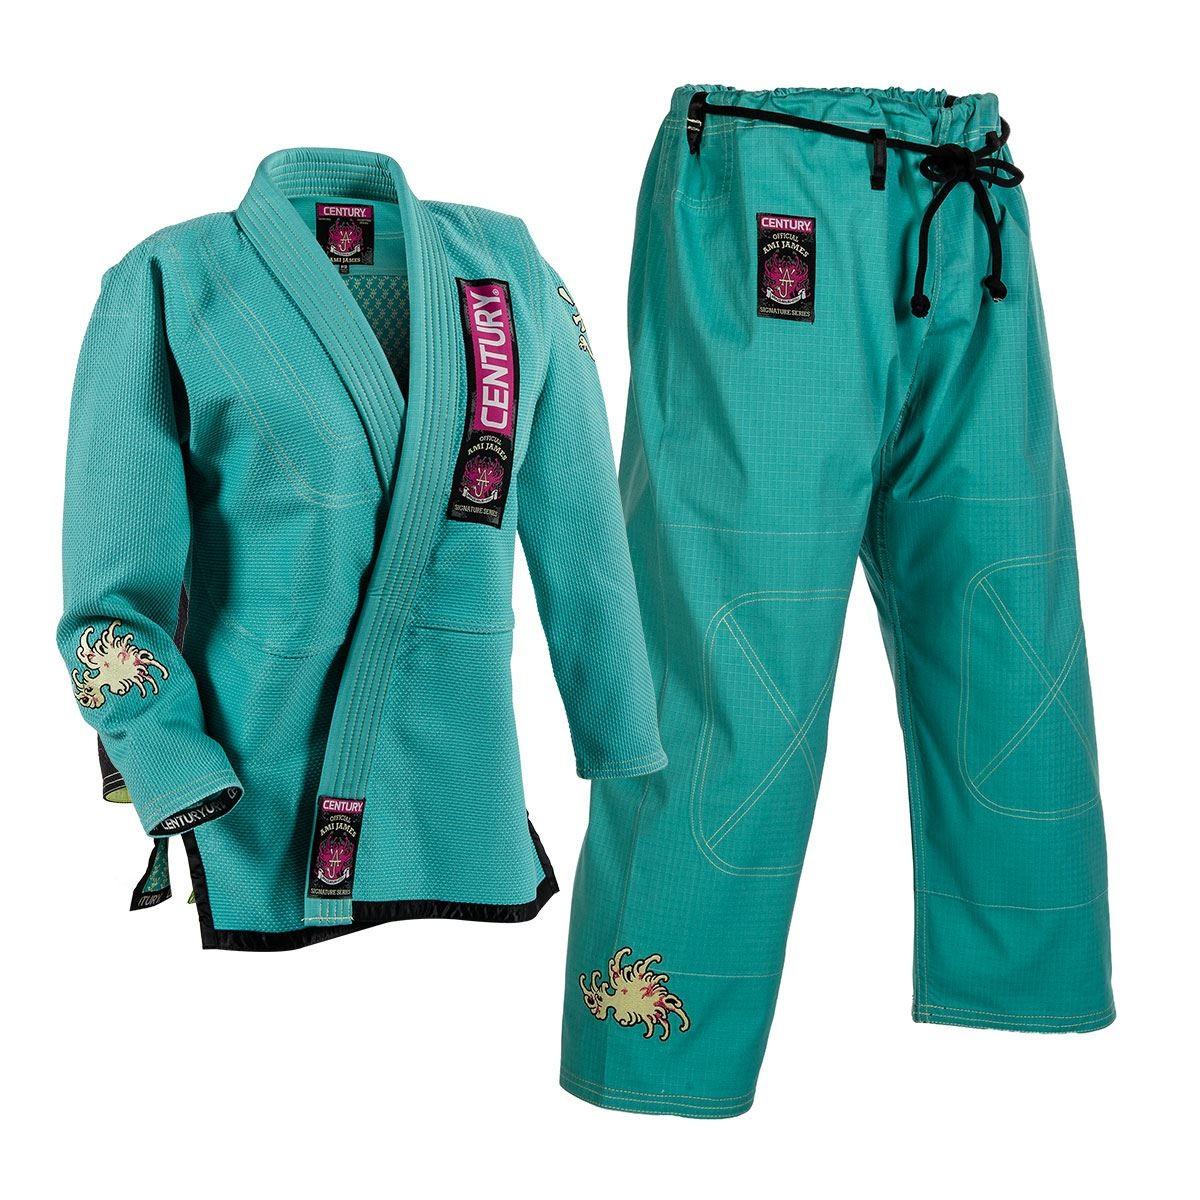 Century Martial Arts Ami James Koi Design Brazilian Jiu Jitsu Gi Uniform